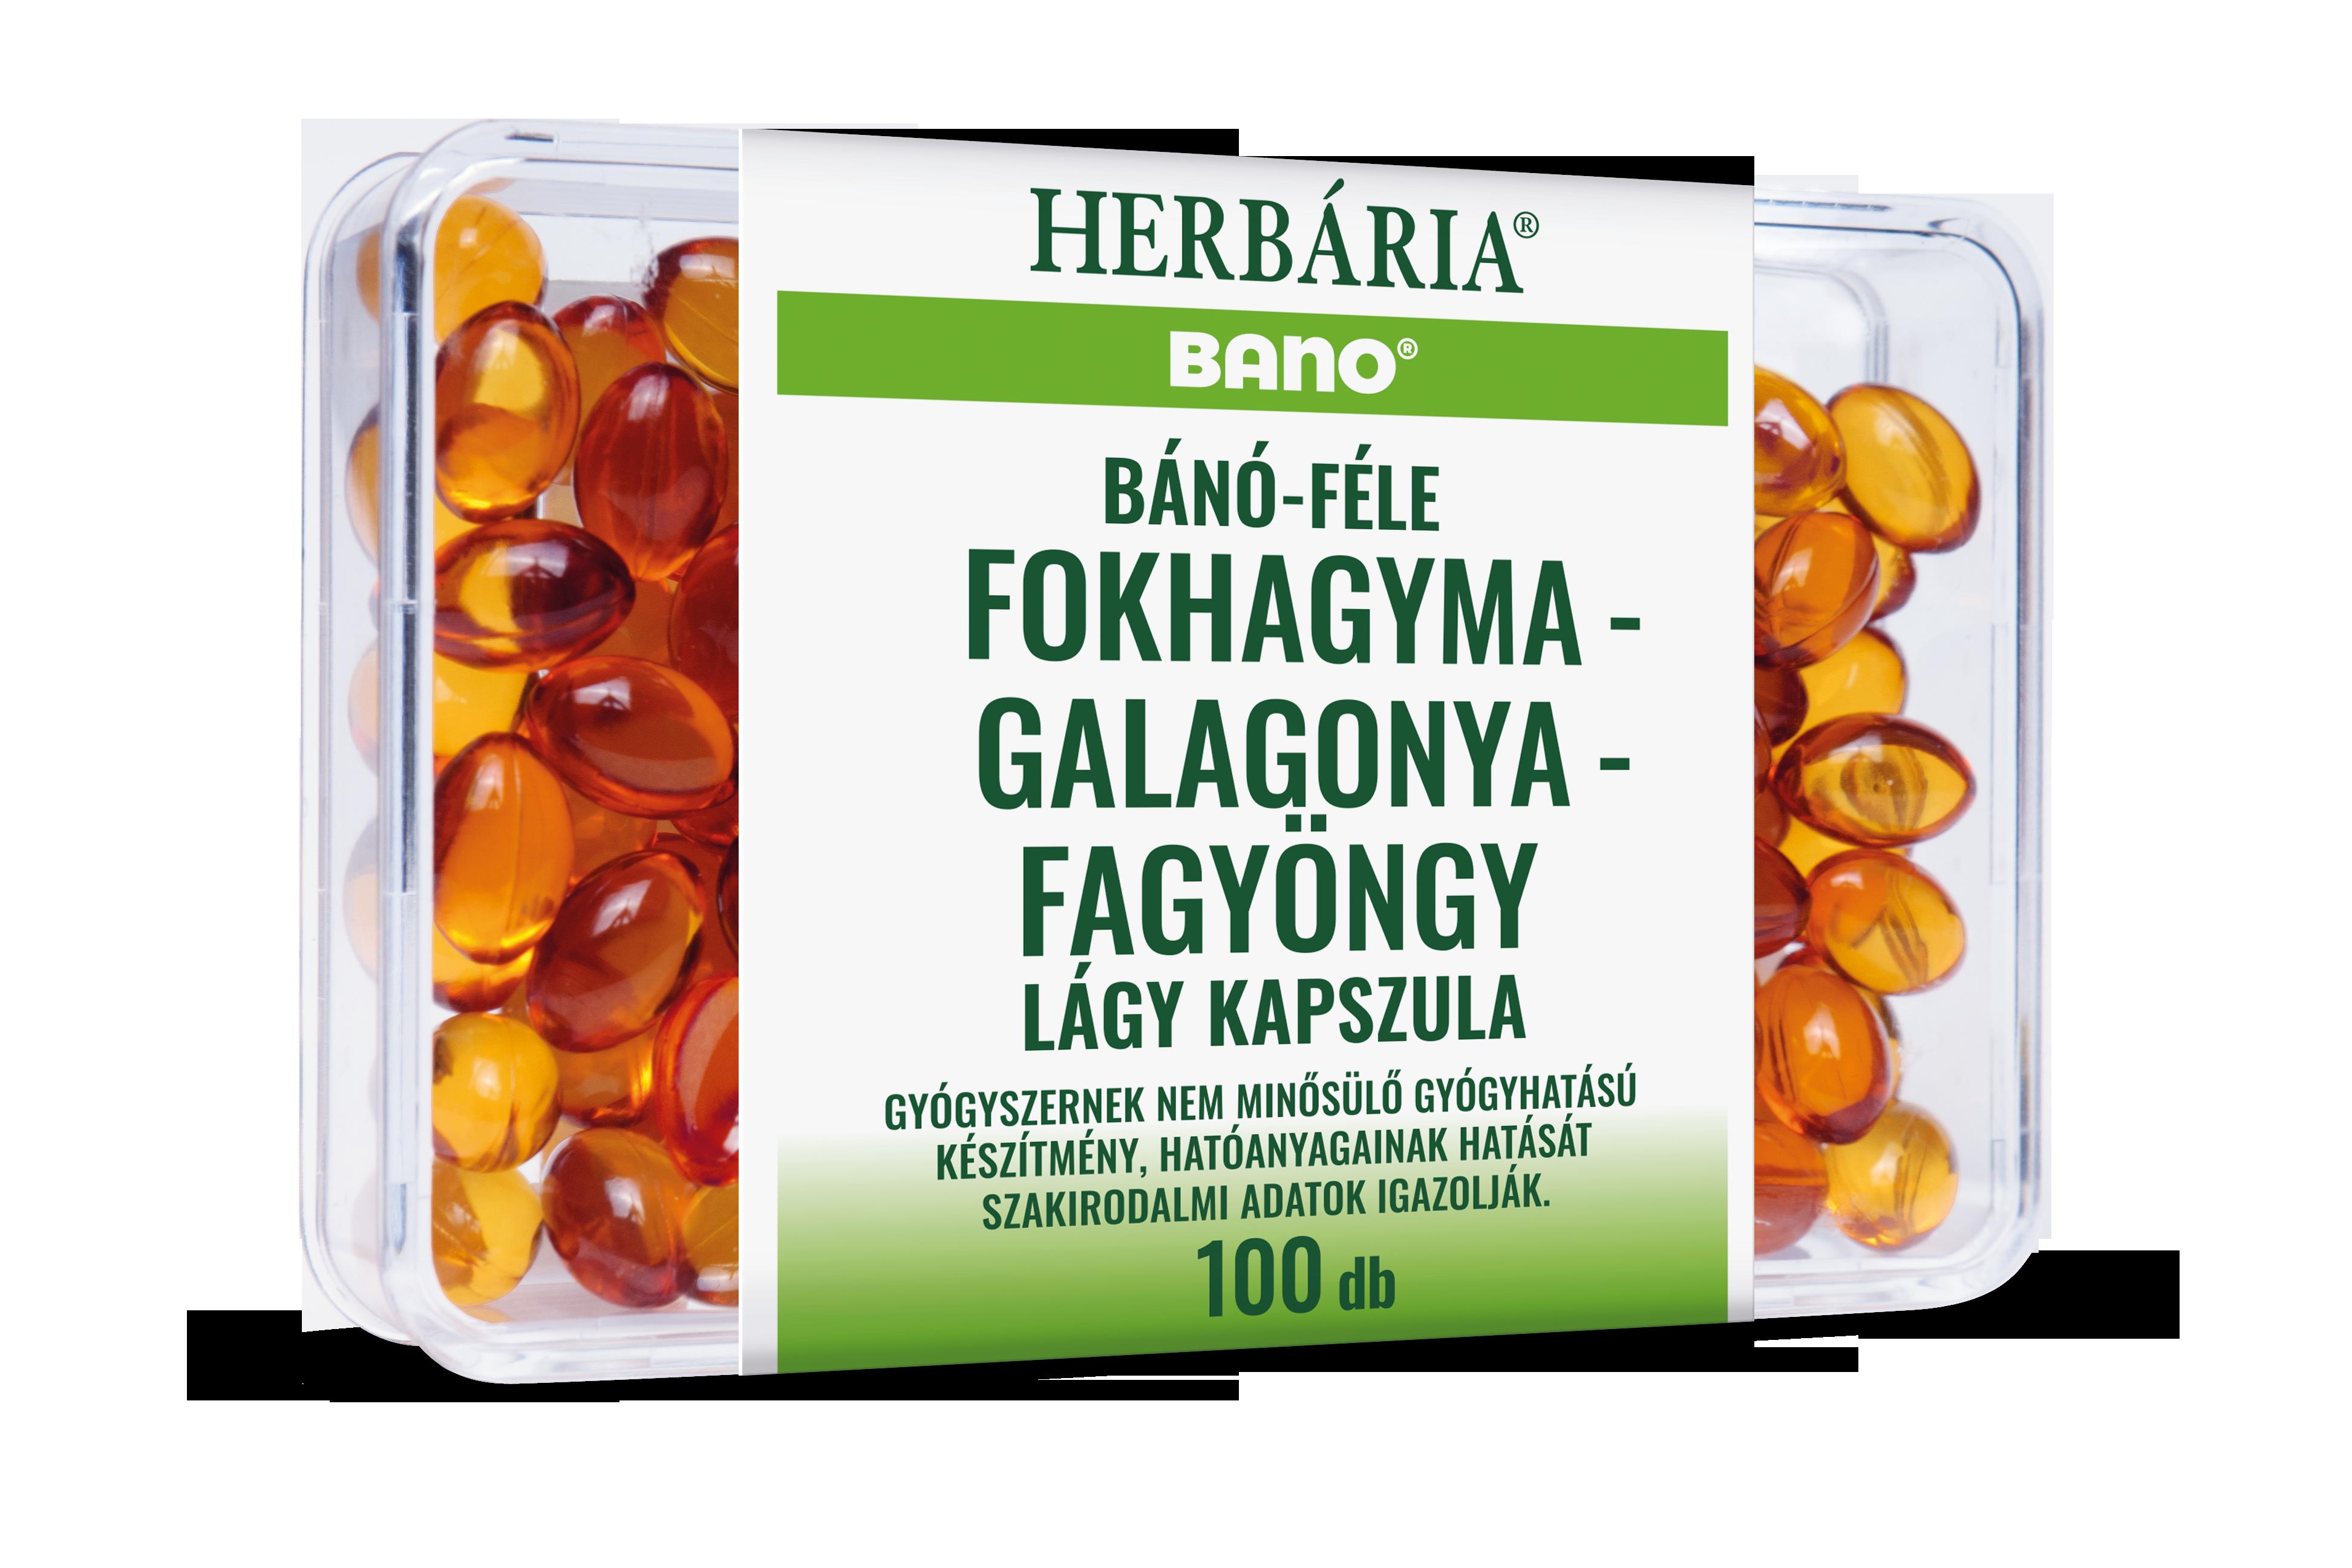 bano-fokhagyma-galagonya-fagyongy-kapsz-100x